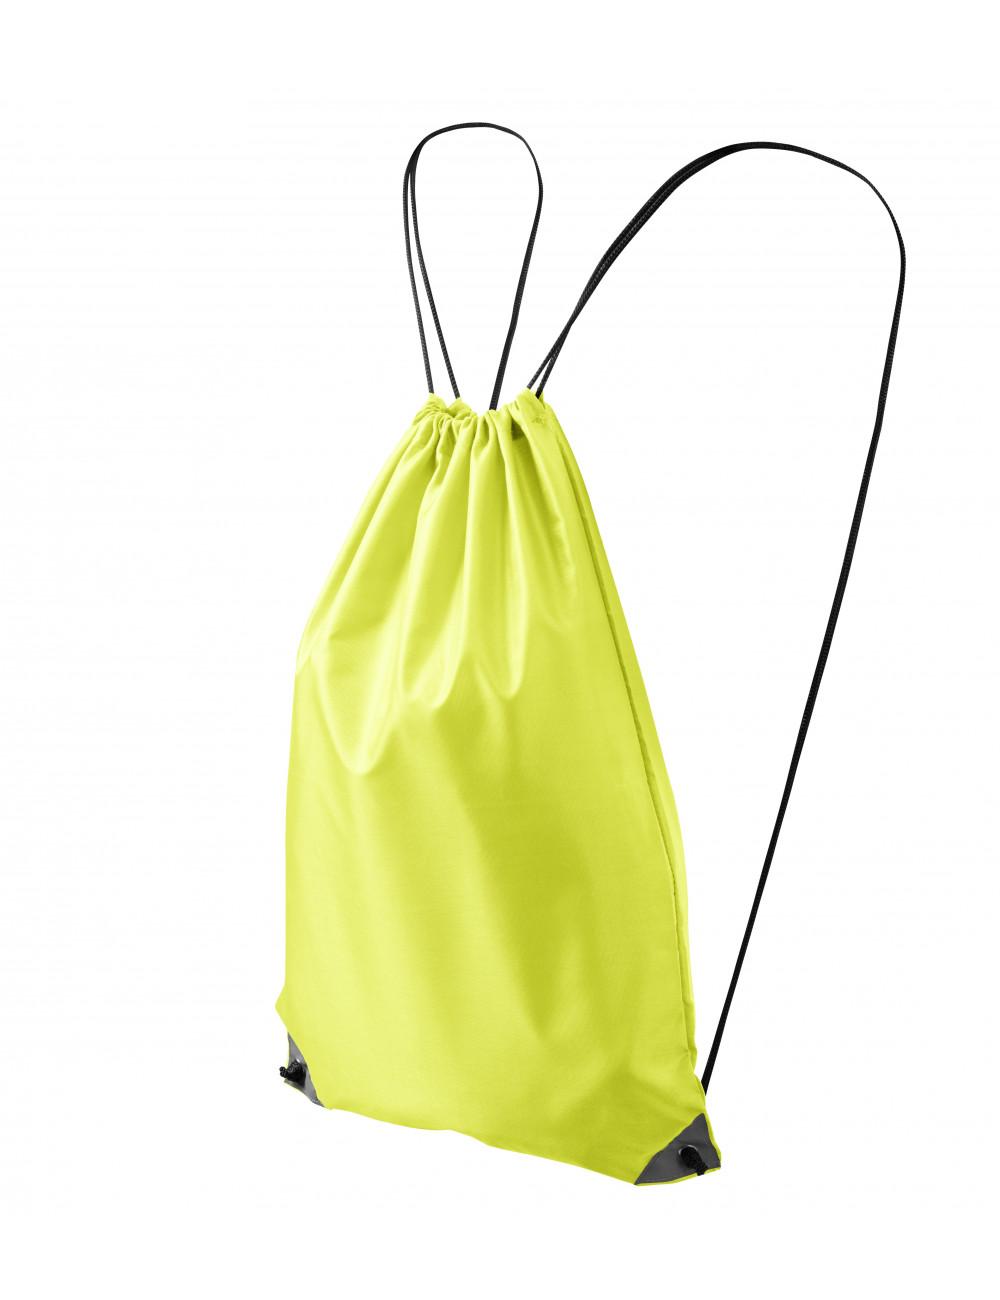 Adler MALFINI Gymsack Unisex/Kids Energy 912 neon yellow